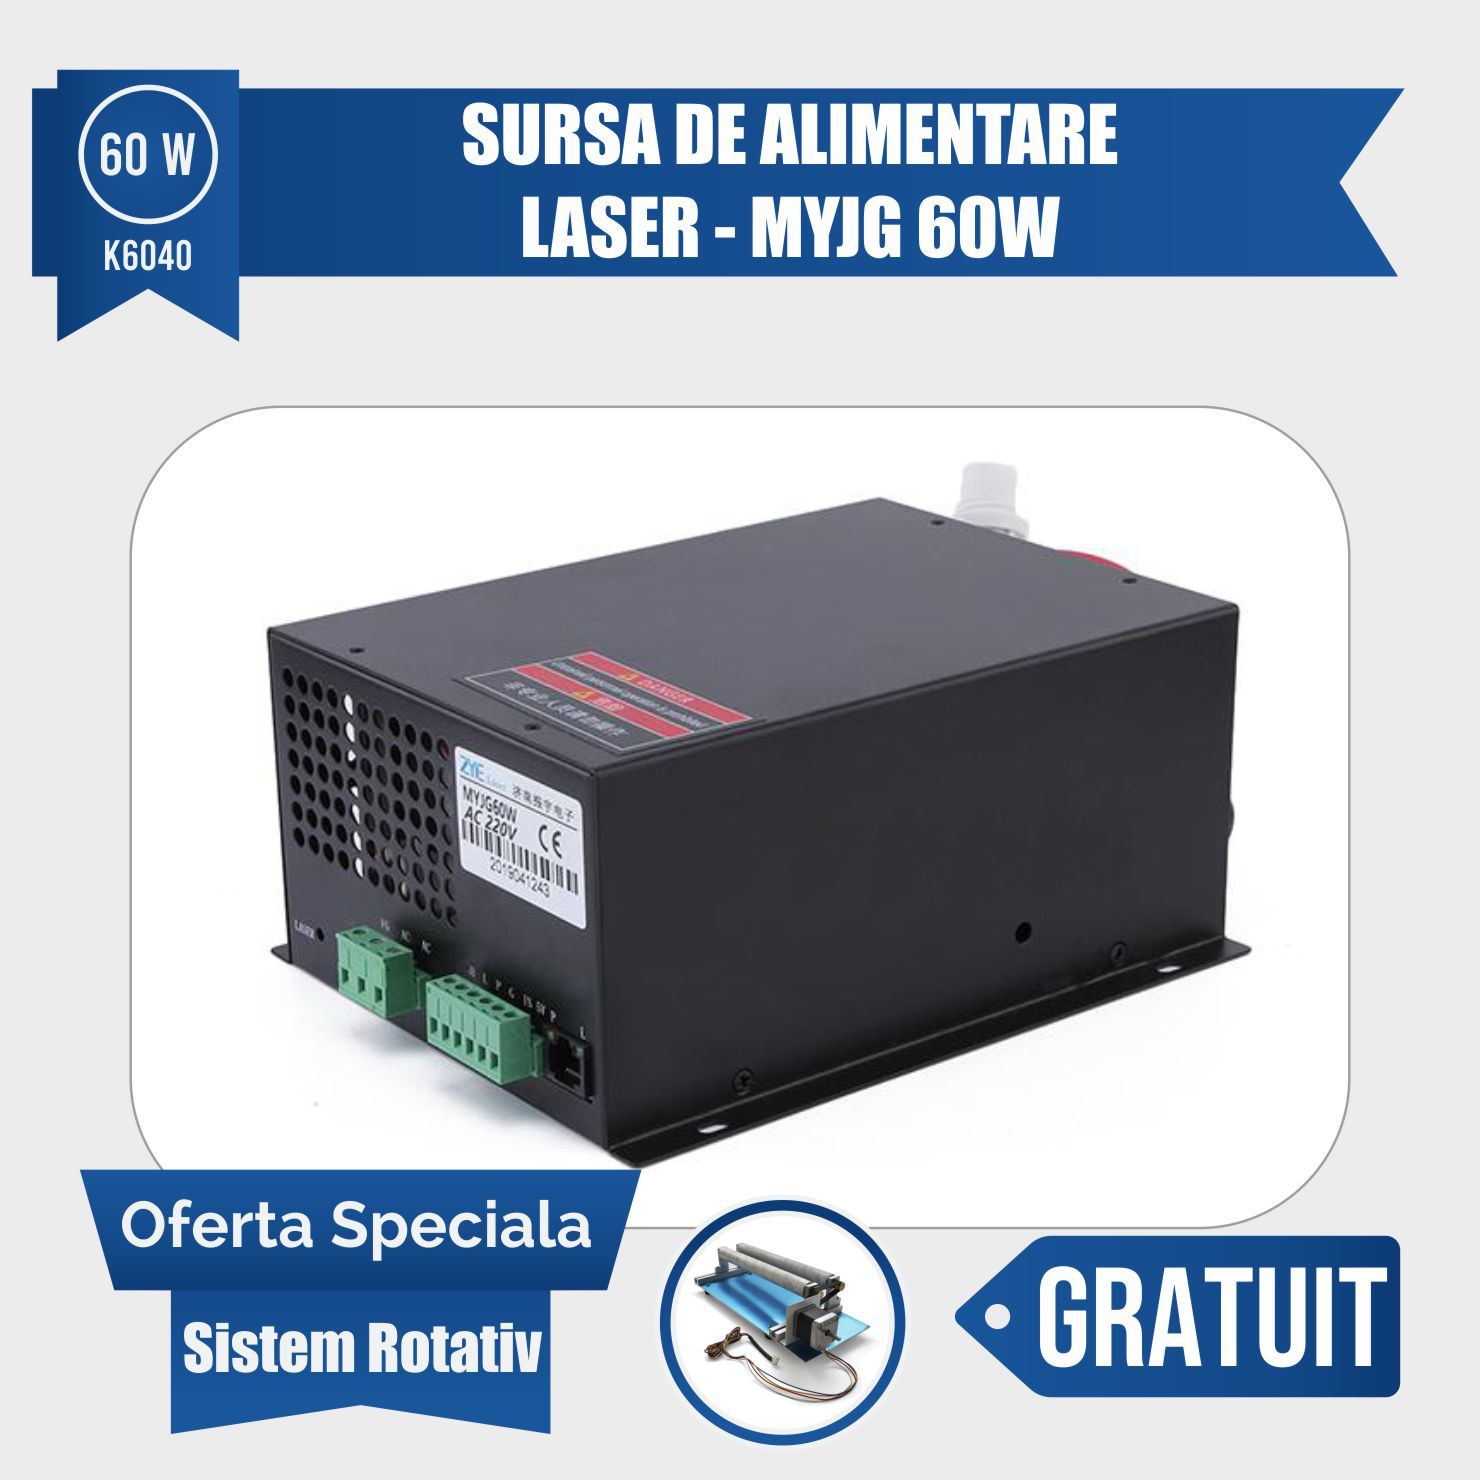 Gravator laser K3020 – 40w - Europaper Brasov - Utilaje Finisare Print